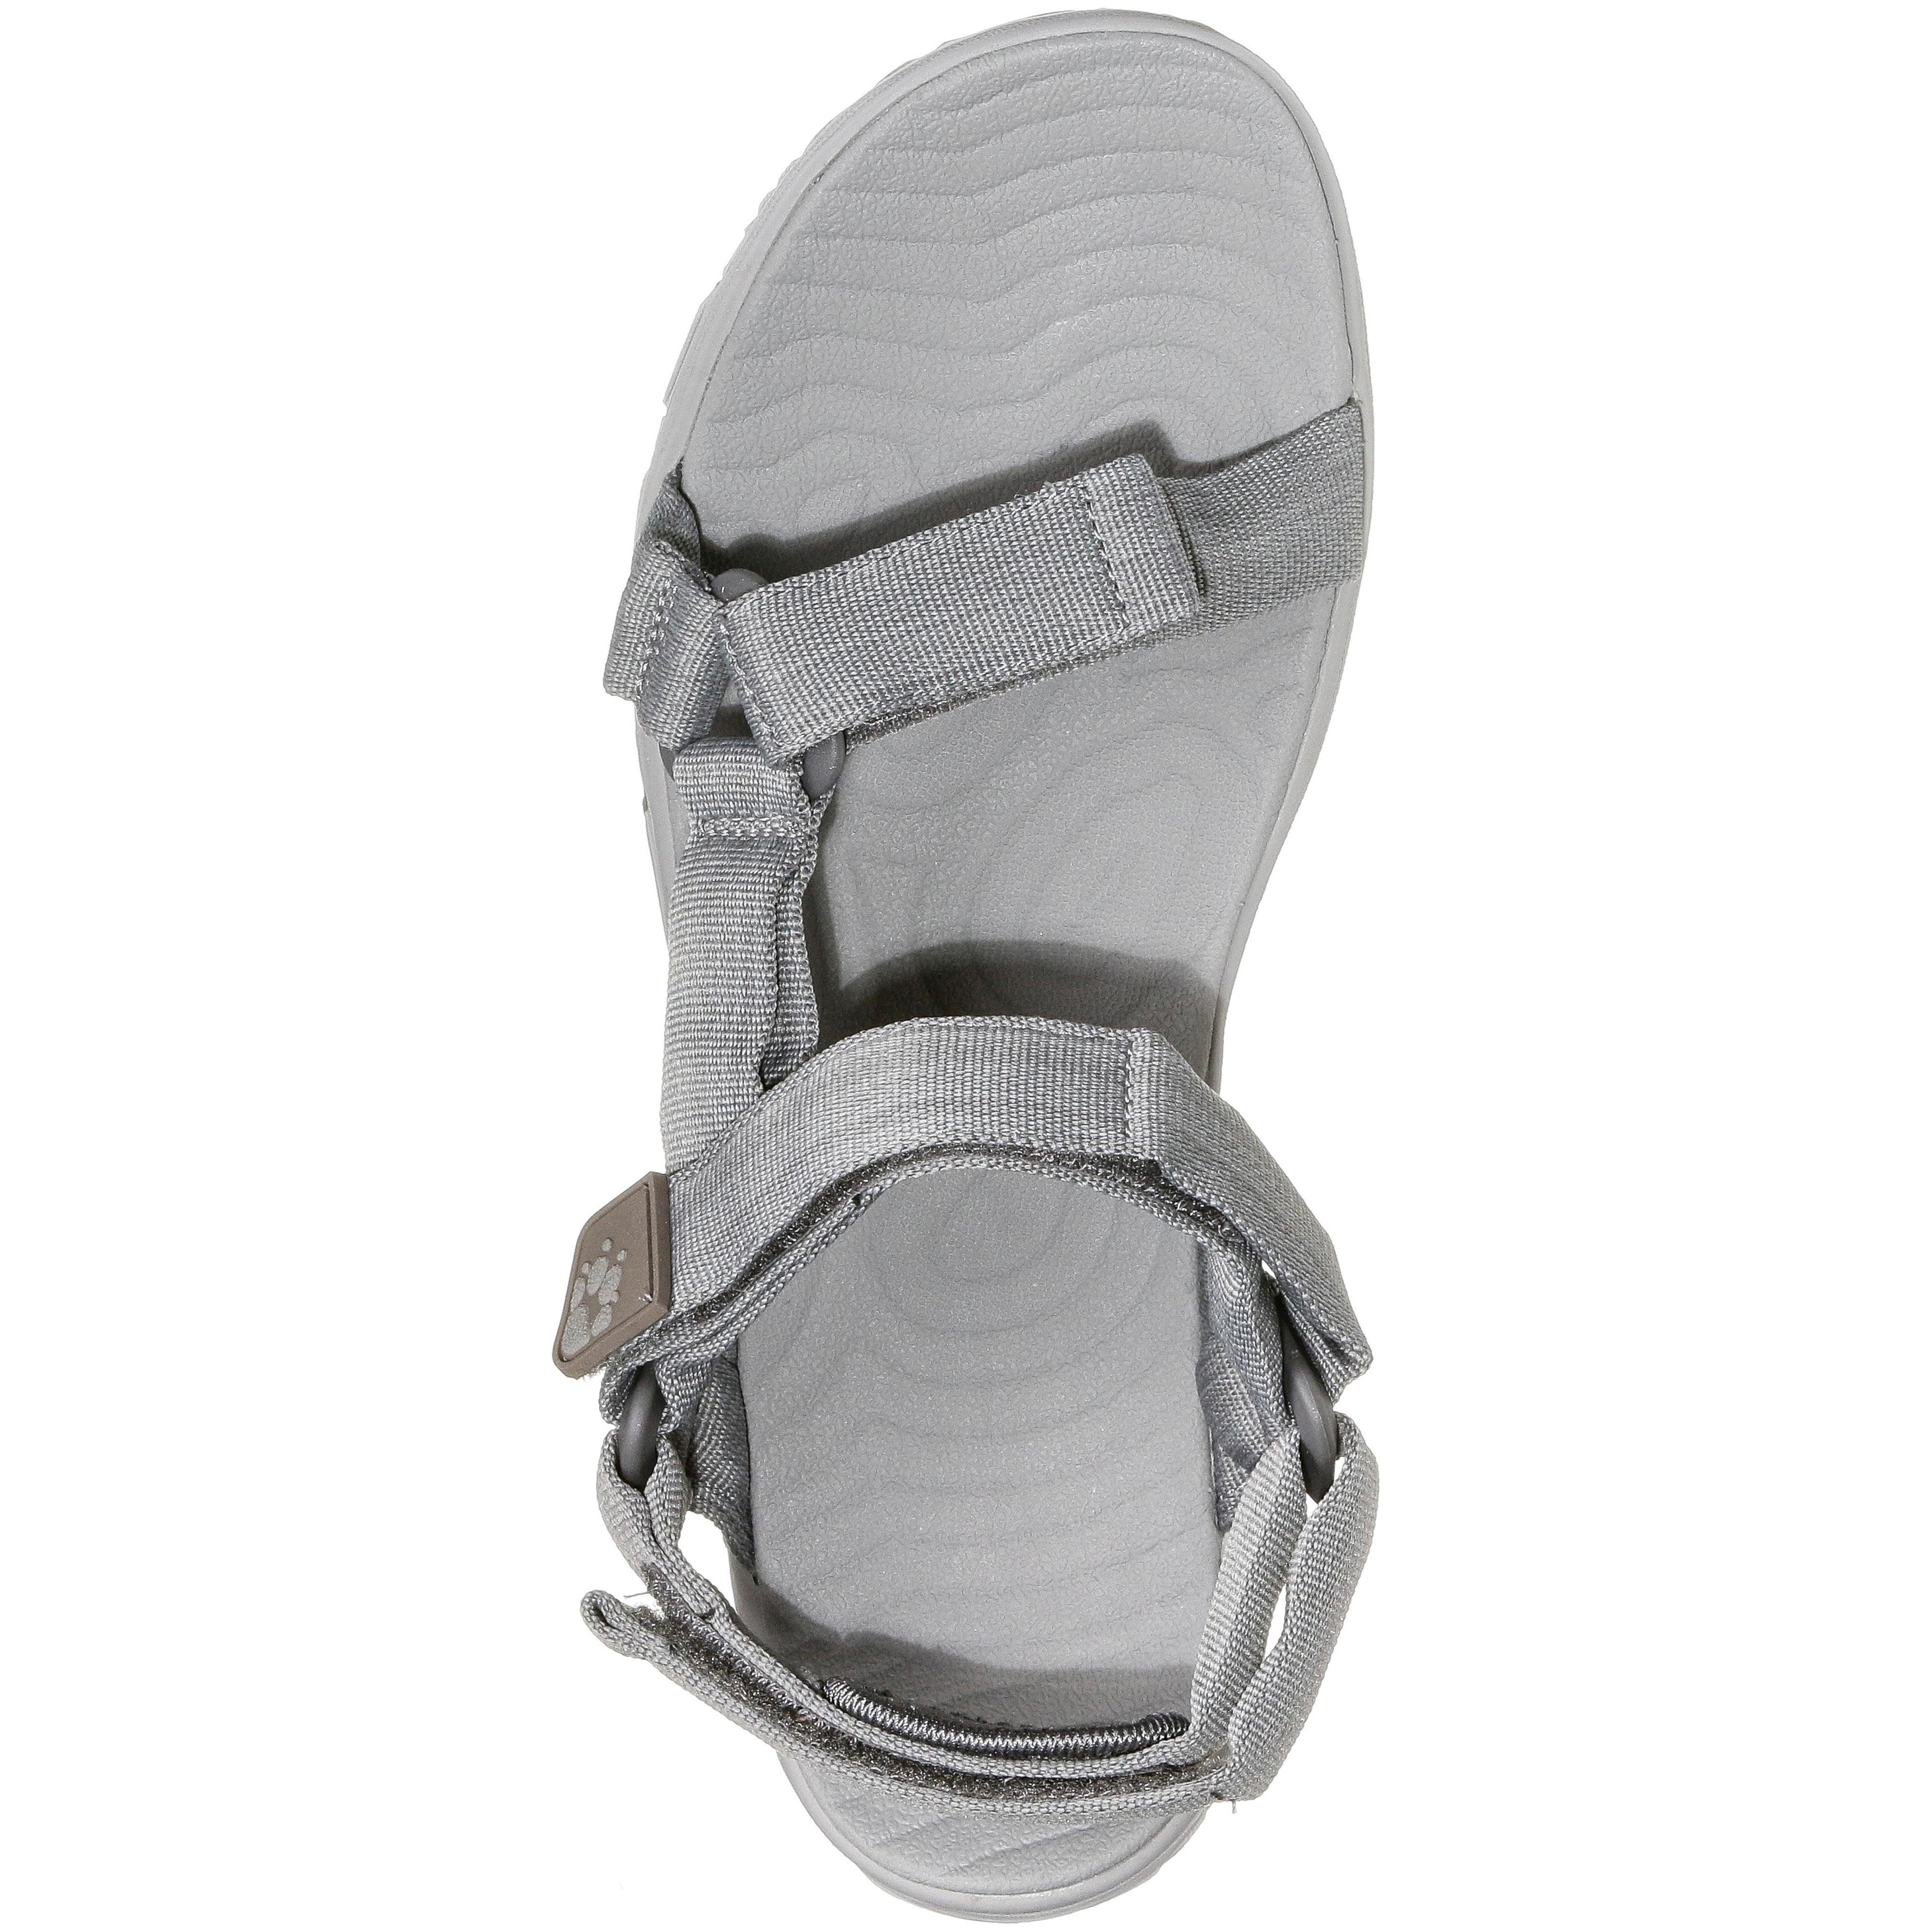 Jack Wolfskin Seven Seas 2 Outdoorsandalen Damen hot hot hot coral im Online Shop von SportScheck kaufen Gute Qualität beliebte Schuhe e88ac3